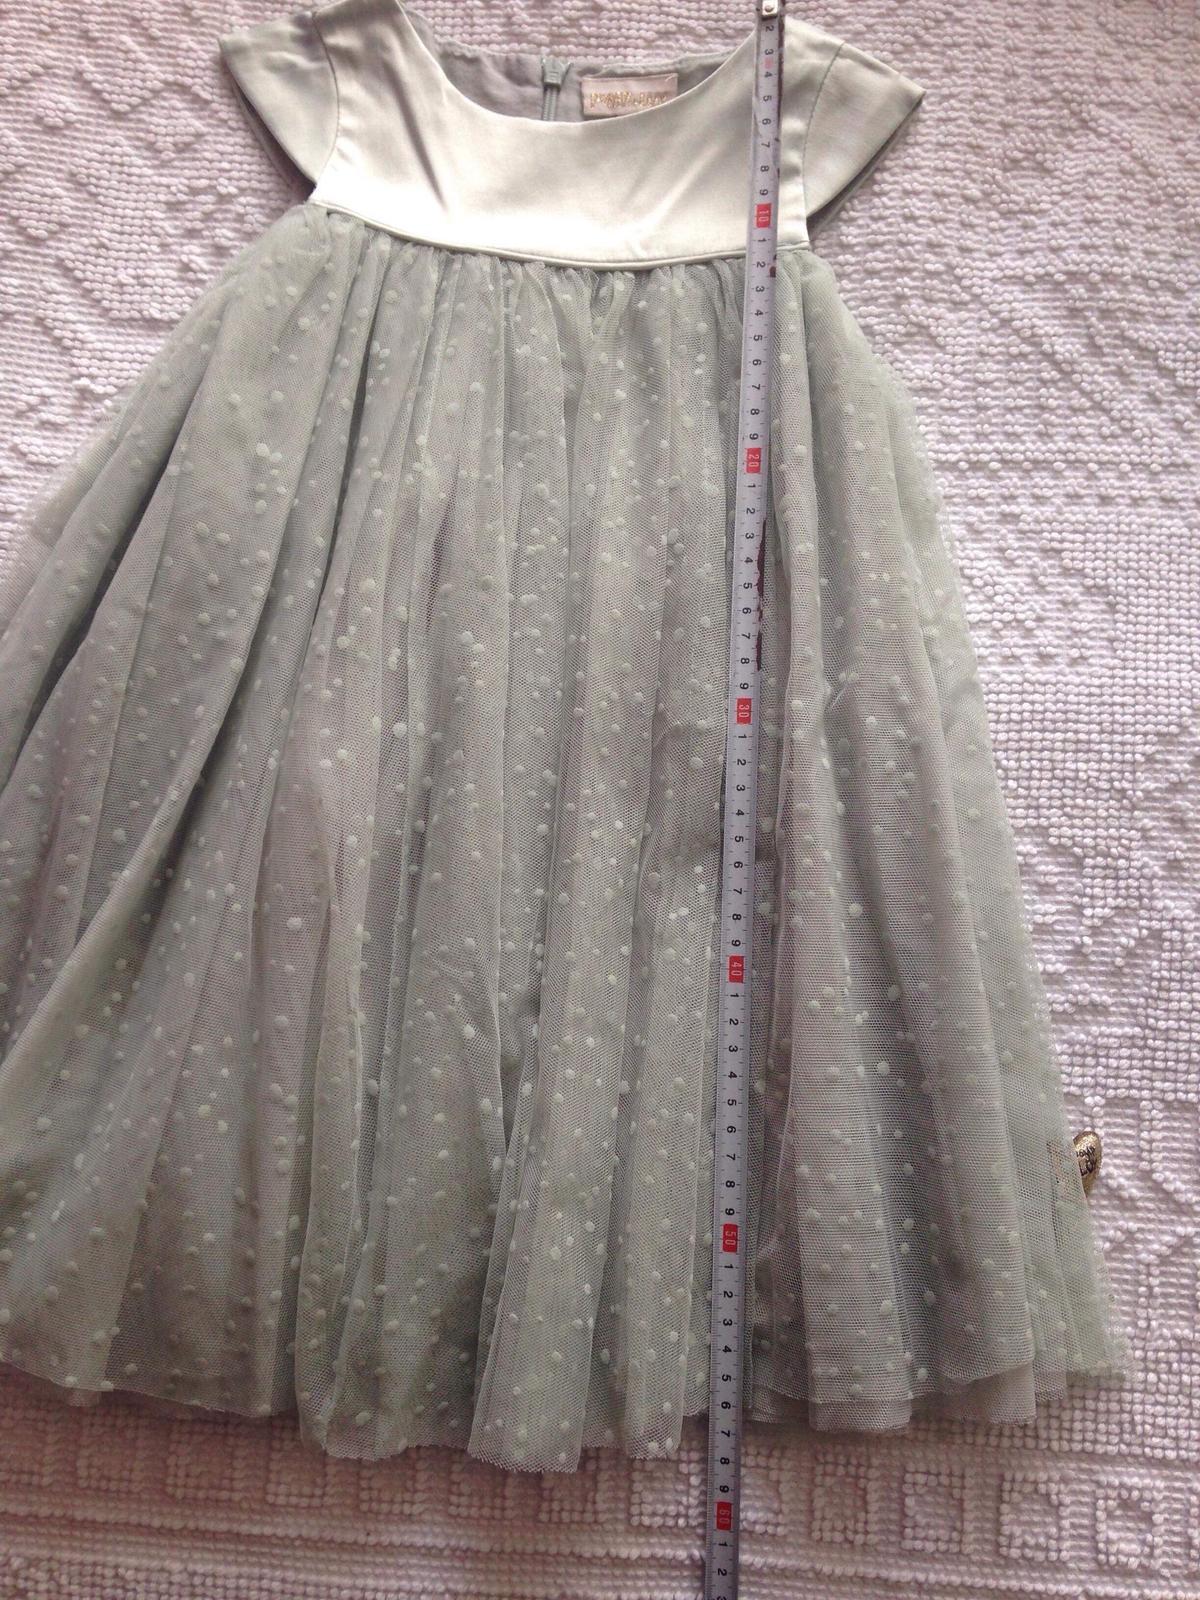 Šaty PompDeLux Ivy - mint - Obrázok č. 3